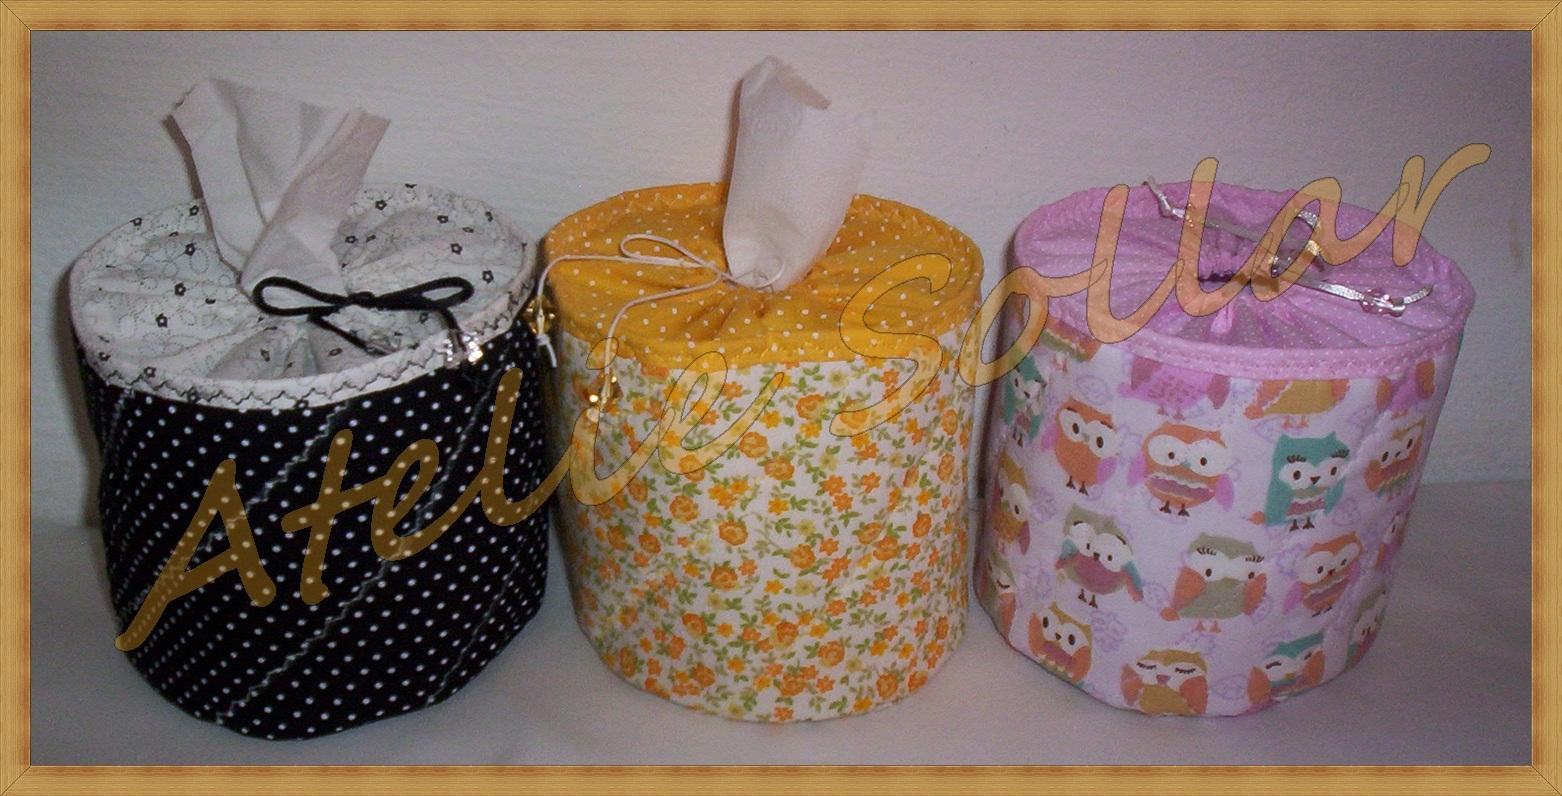 Porta papel higi nico individual atelie sollar elo7 for Colgadores para papel higienico